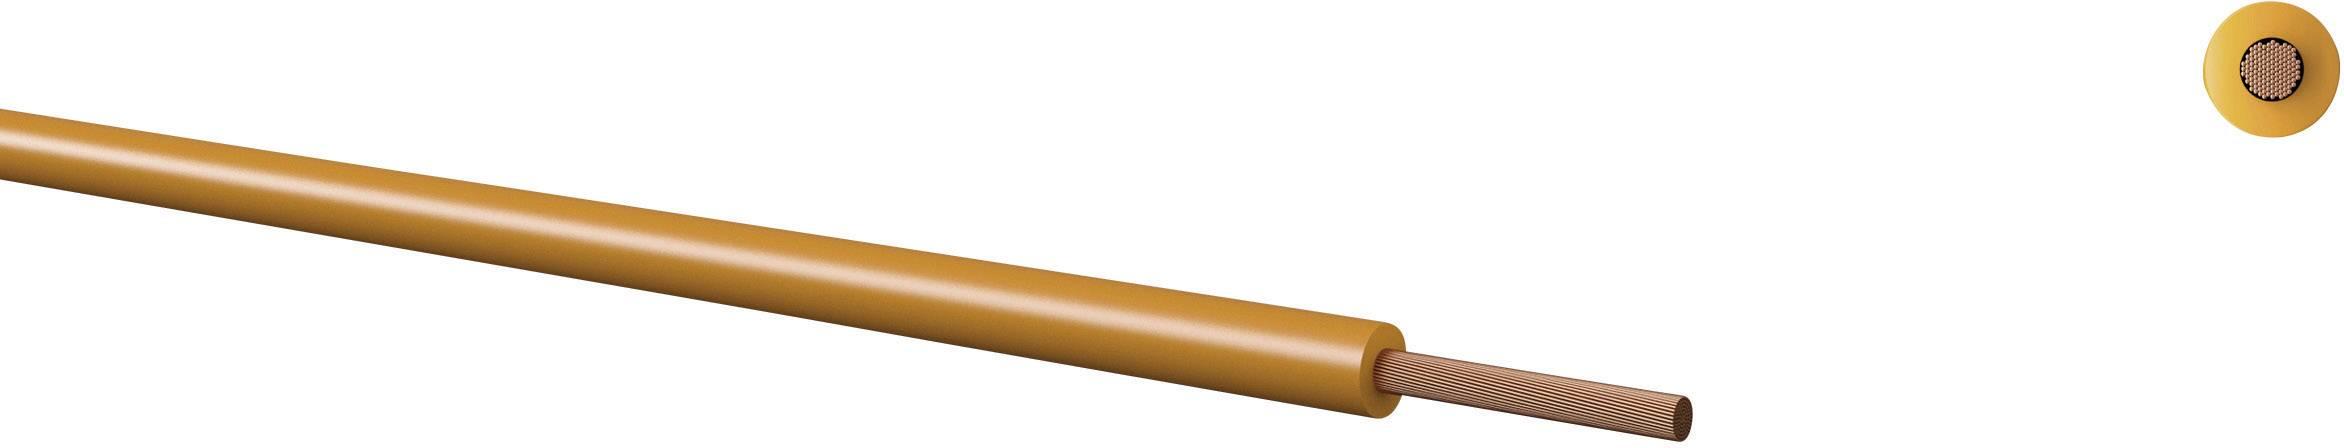 Opletenie / lanko Kabeltronik 160107507 LiFY, 1 x 0.75 mm², vonkajší Ø 2.20 mm, metrový tovar, modrá